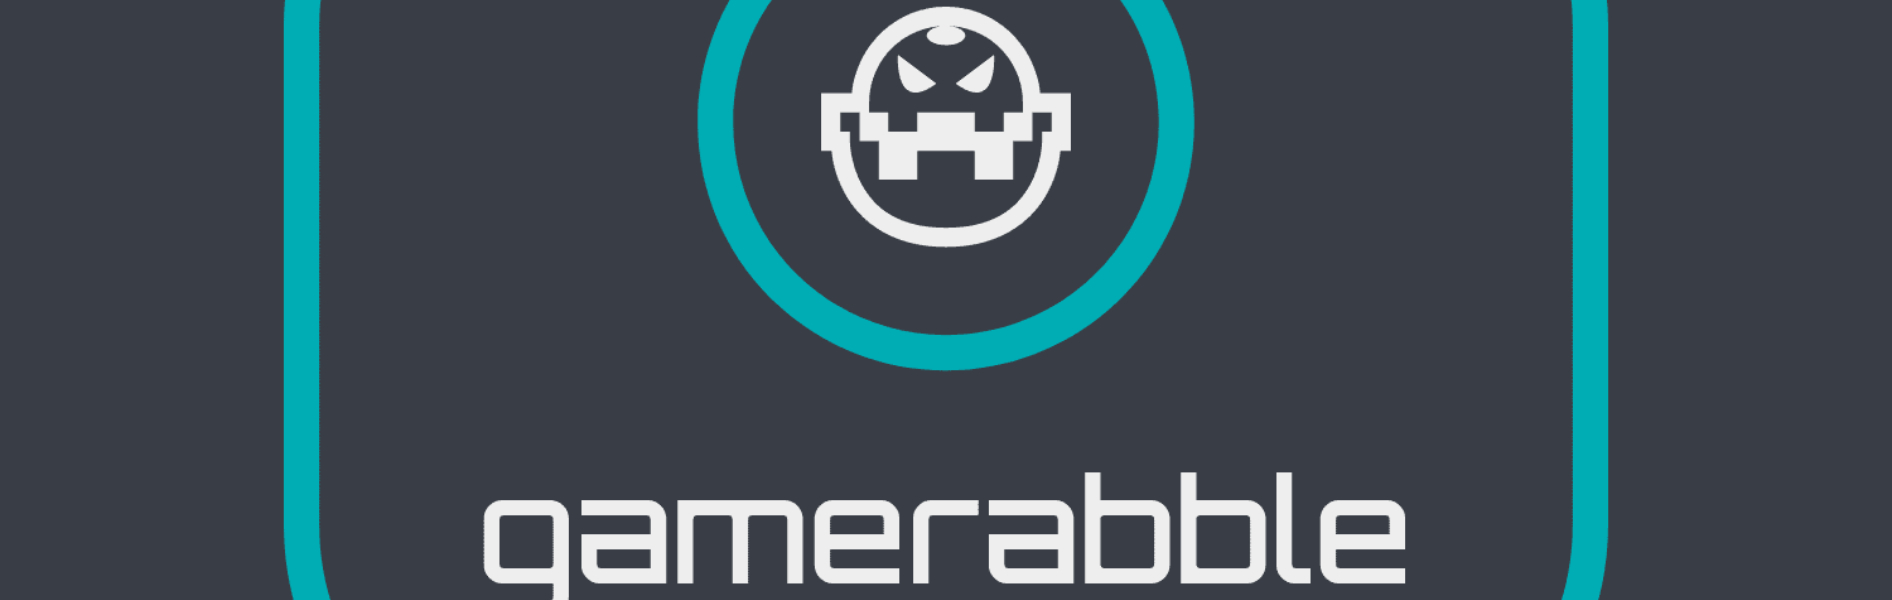 Gamerabble Banner